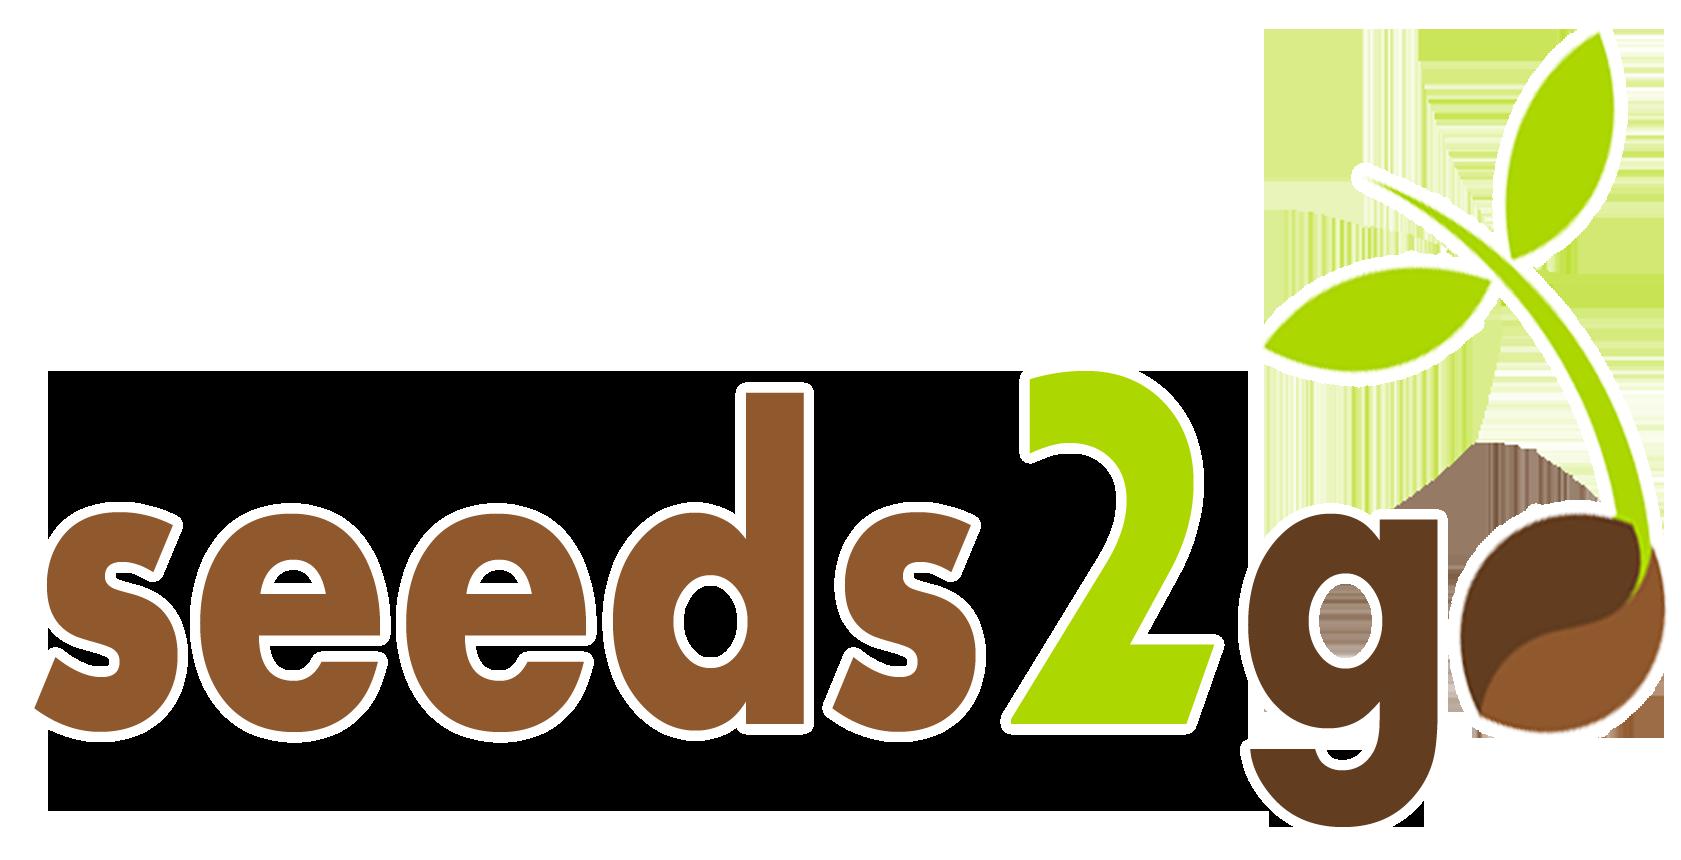 Seeds2go